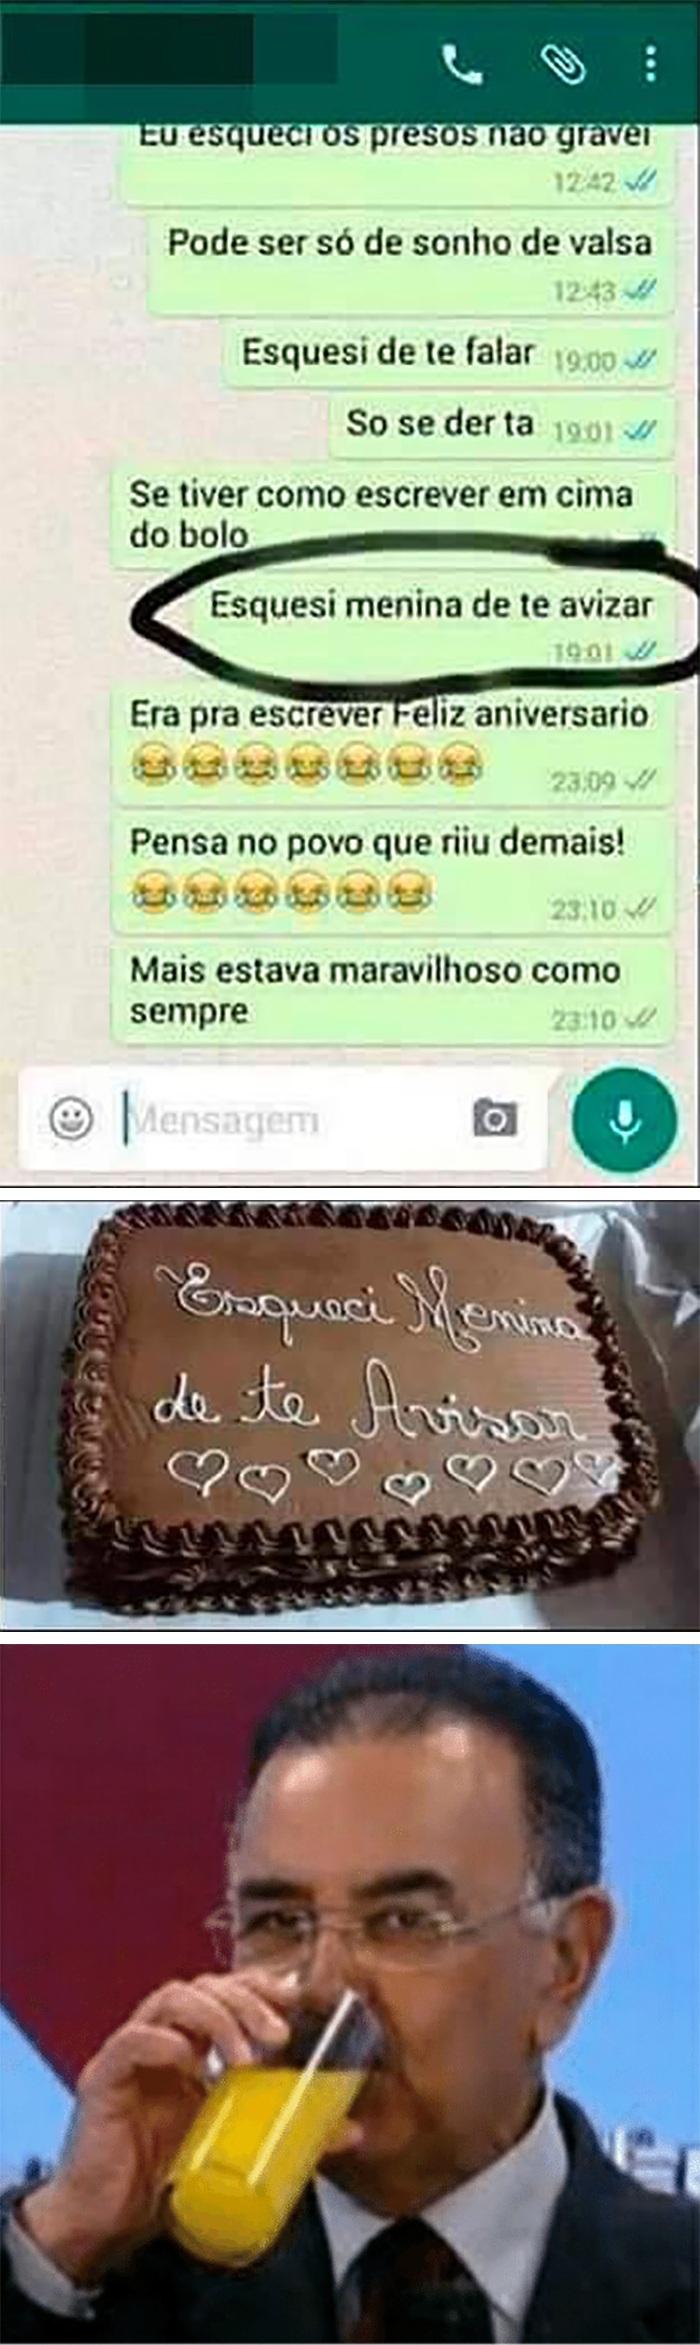 Encomendando um bolo